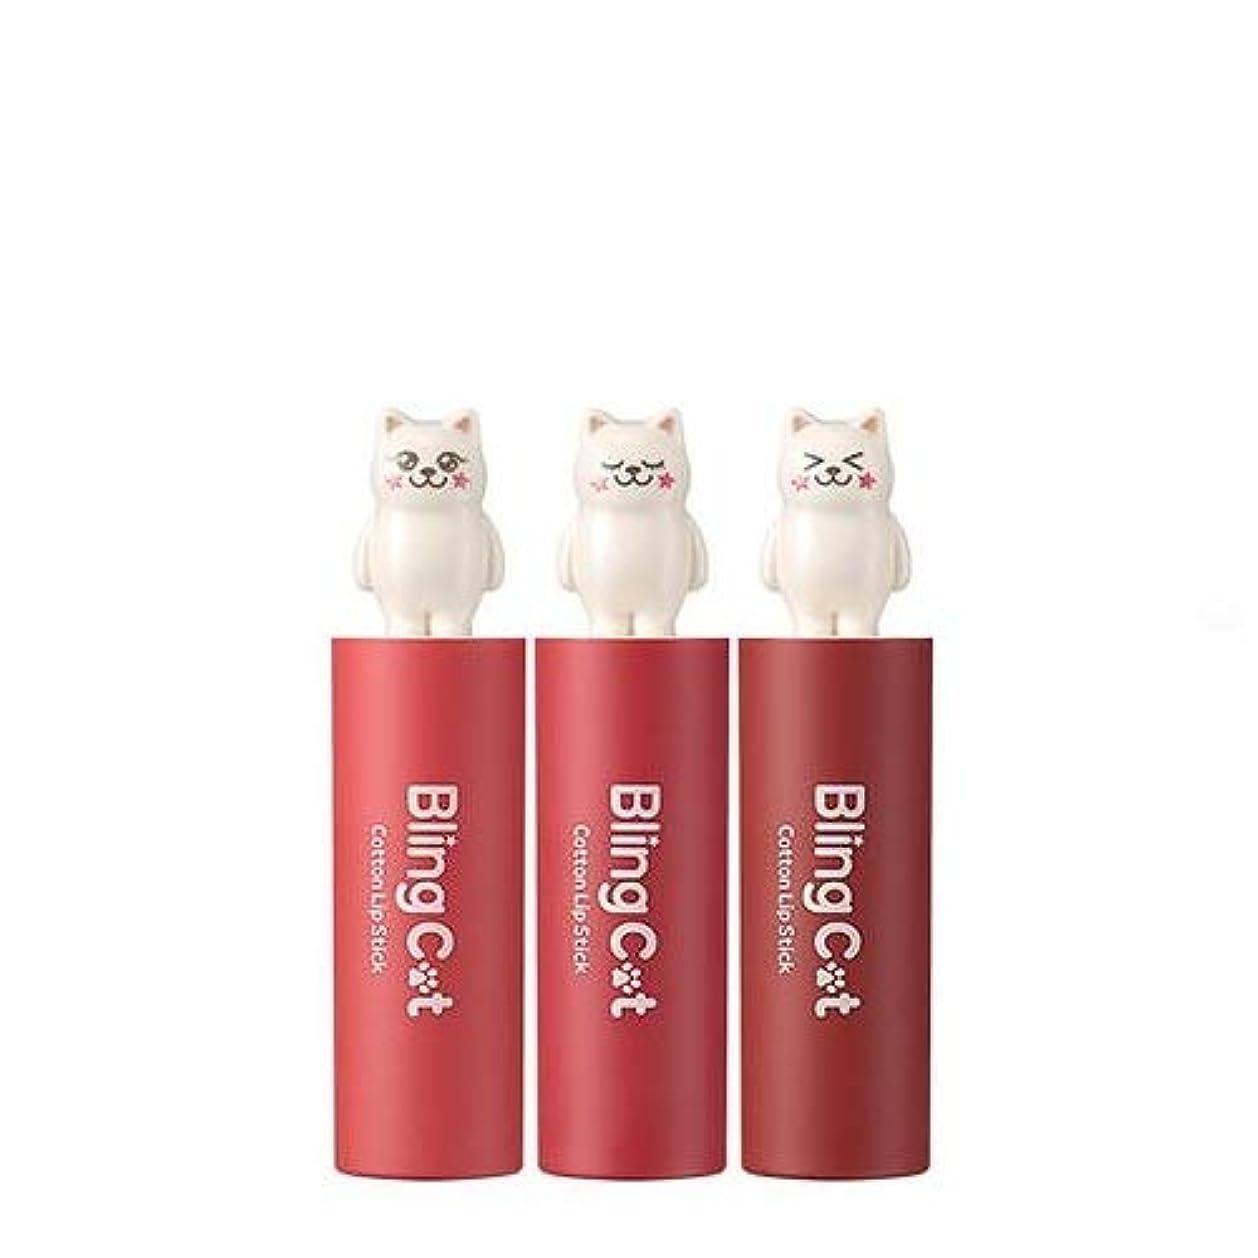 学んだ区画ラベトニーモリー ブリングキャット コットン リップスティック 3.4g / TONYMOLY Bling Cat Cotton Lipstick # 04. Little Coral [並行輸入品]